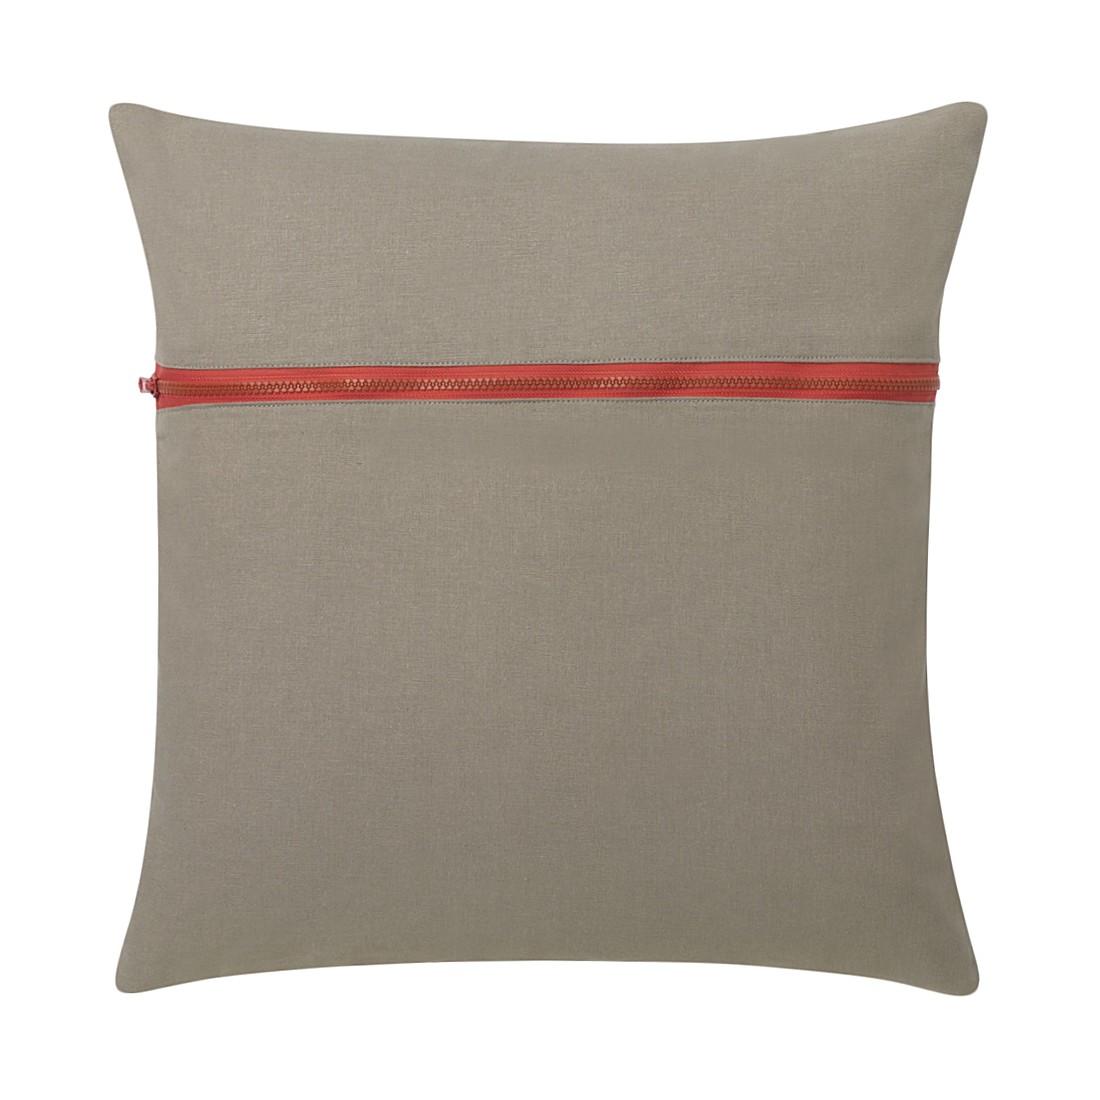 Kissen Zipper – 45 X 45 cm, Grau, Baumwolle Typ 2 – Kissenhülle, mit Füllung, Dutch Decor jetzt kaufen